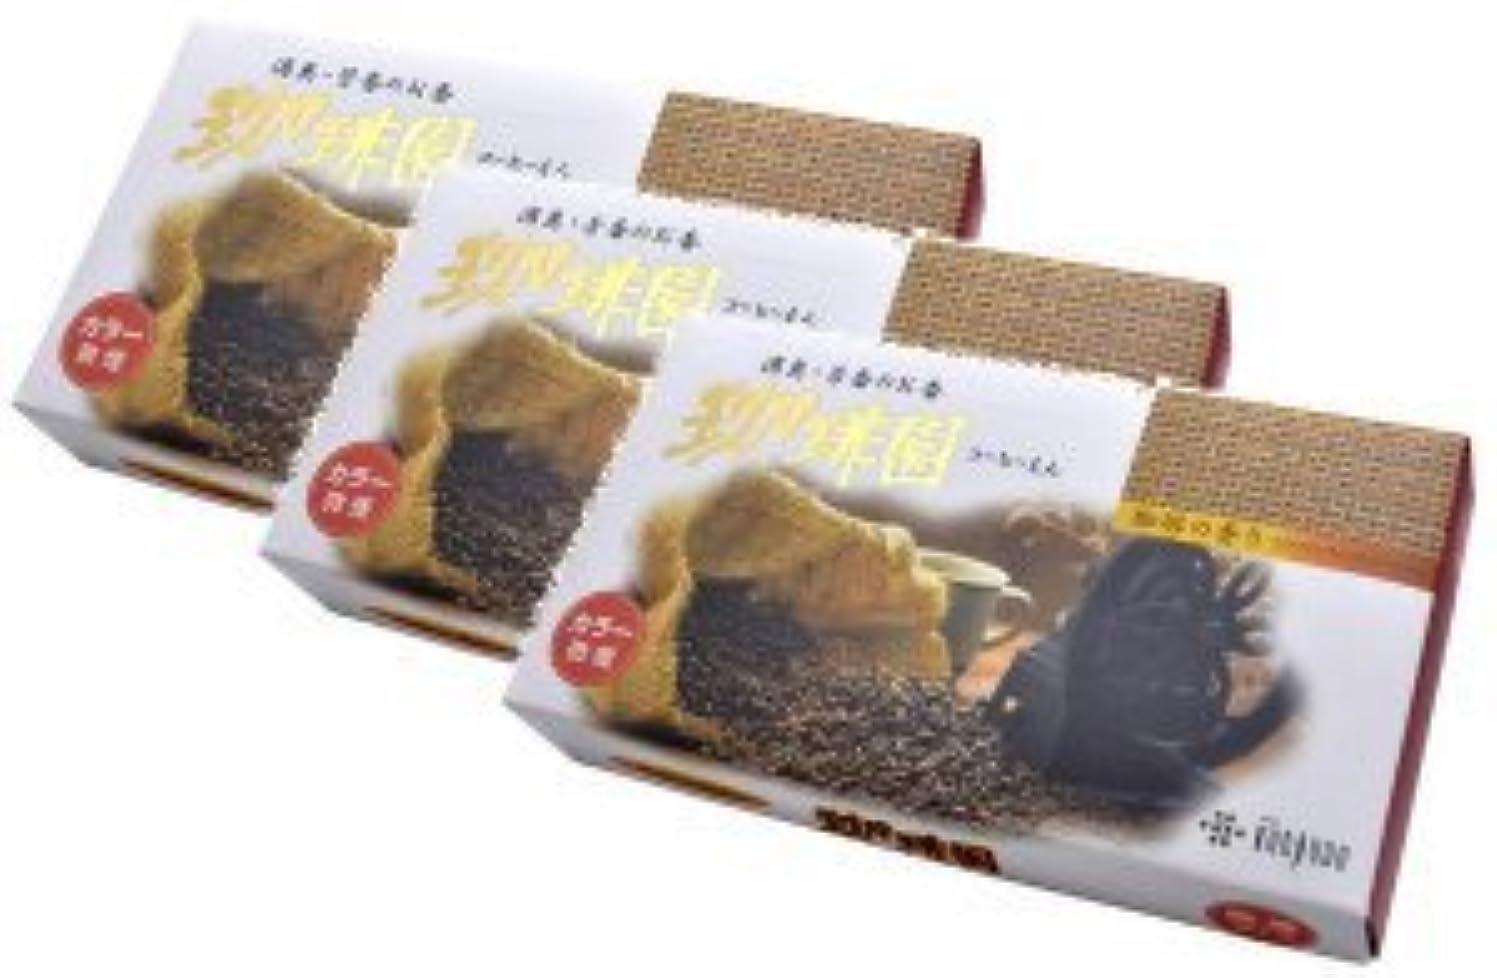 物質レンズドローコーヒーの香り 珈琲園 3箱セット